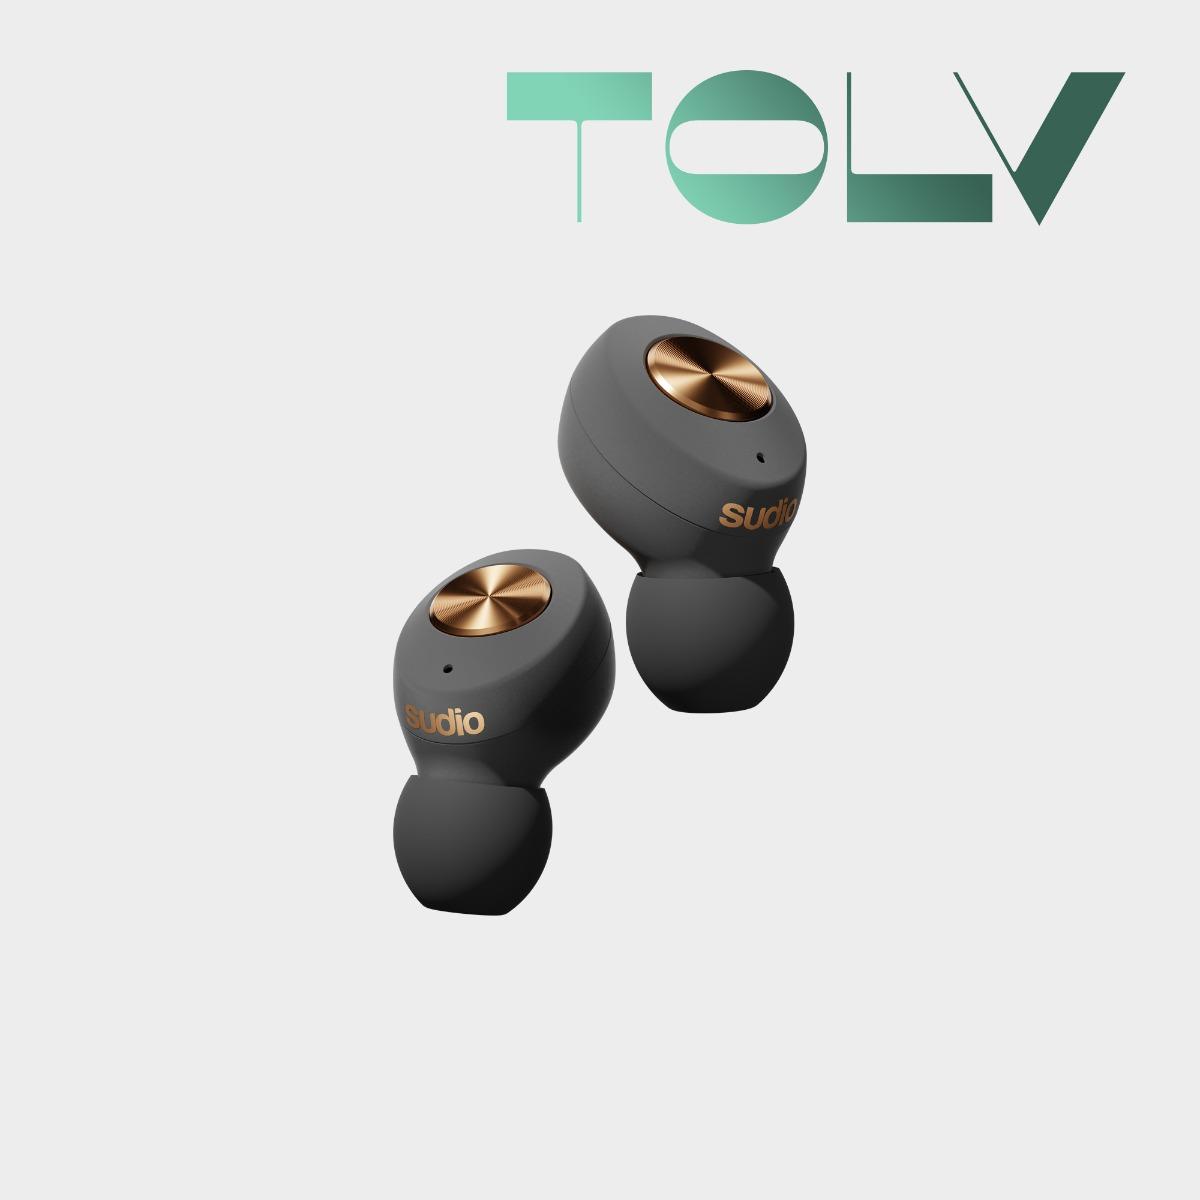 Sudio Tolv auriculares Inalámbricos driver de grafeno